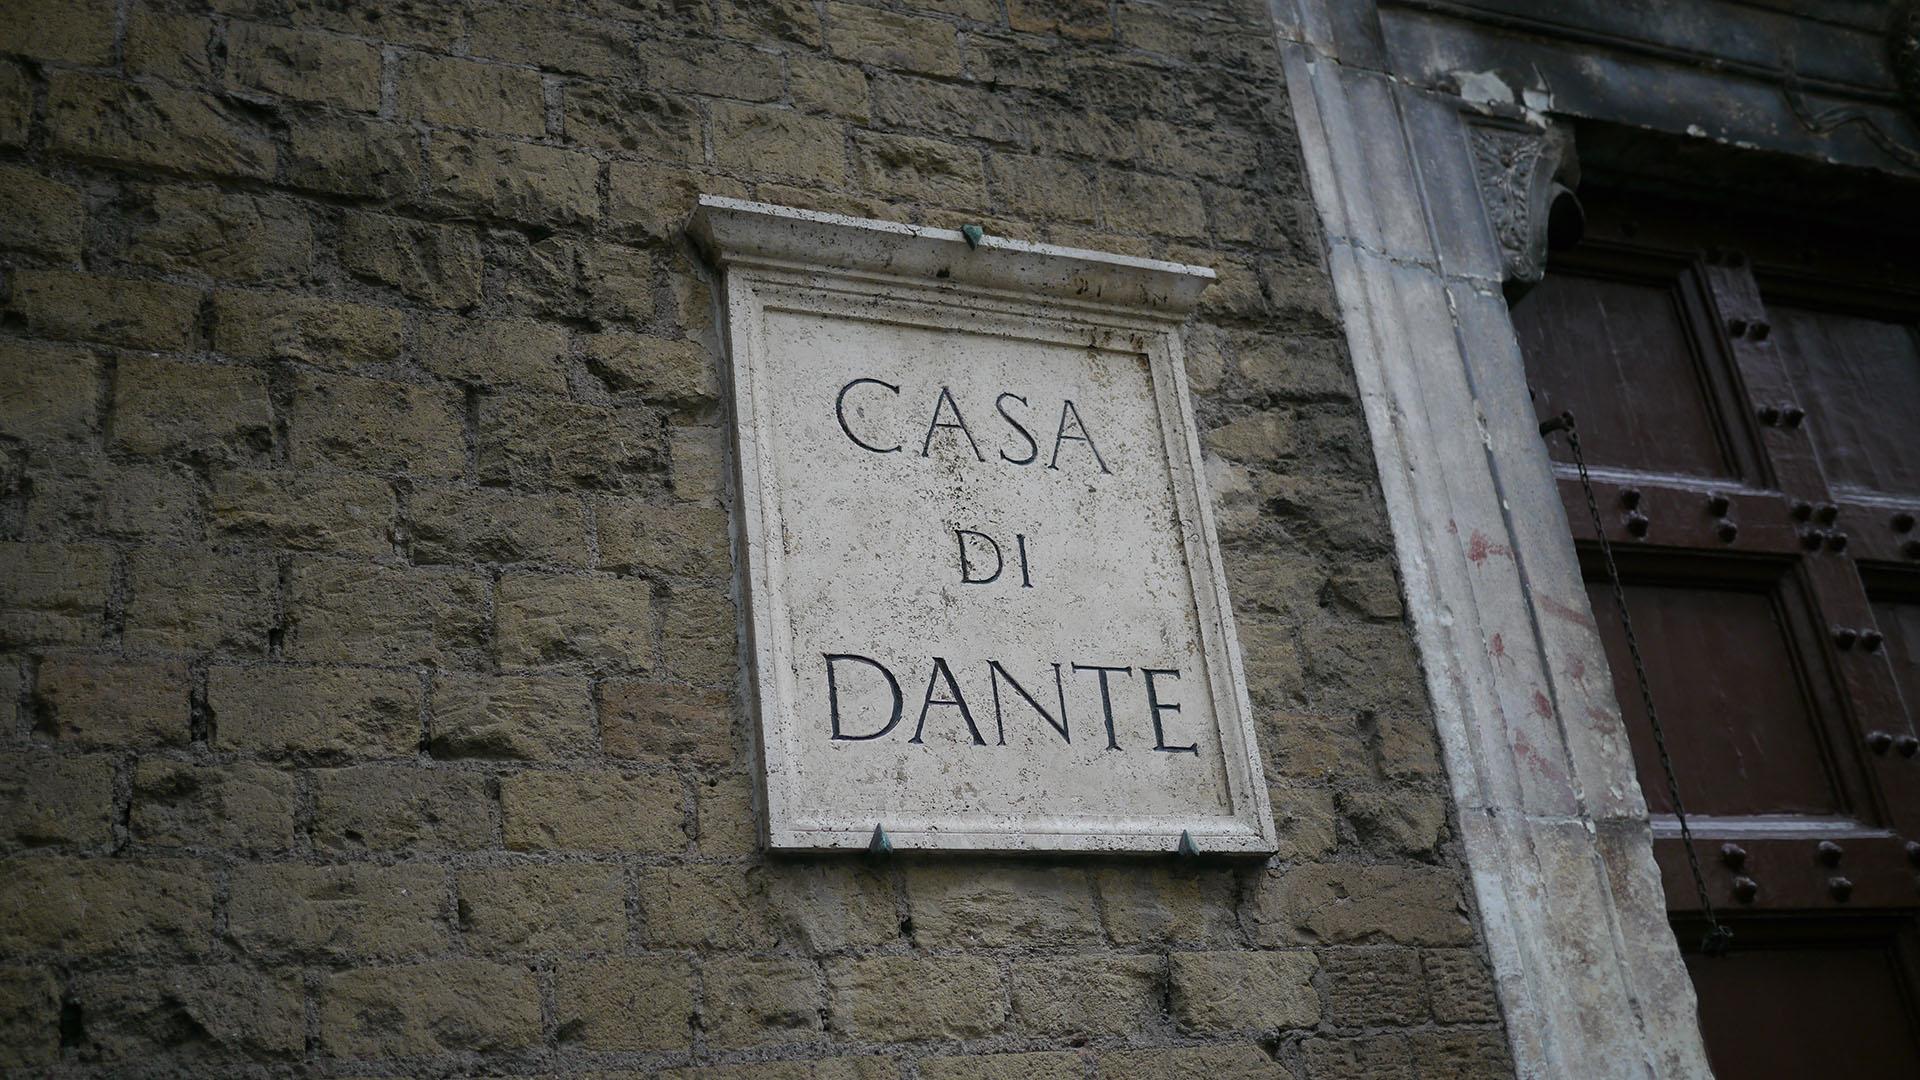 Dante_P1120239_sm